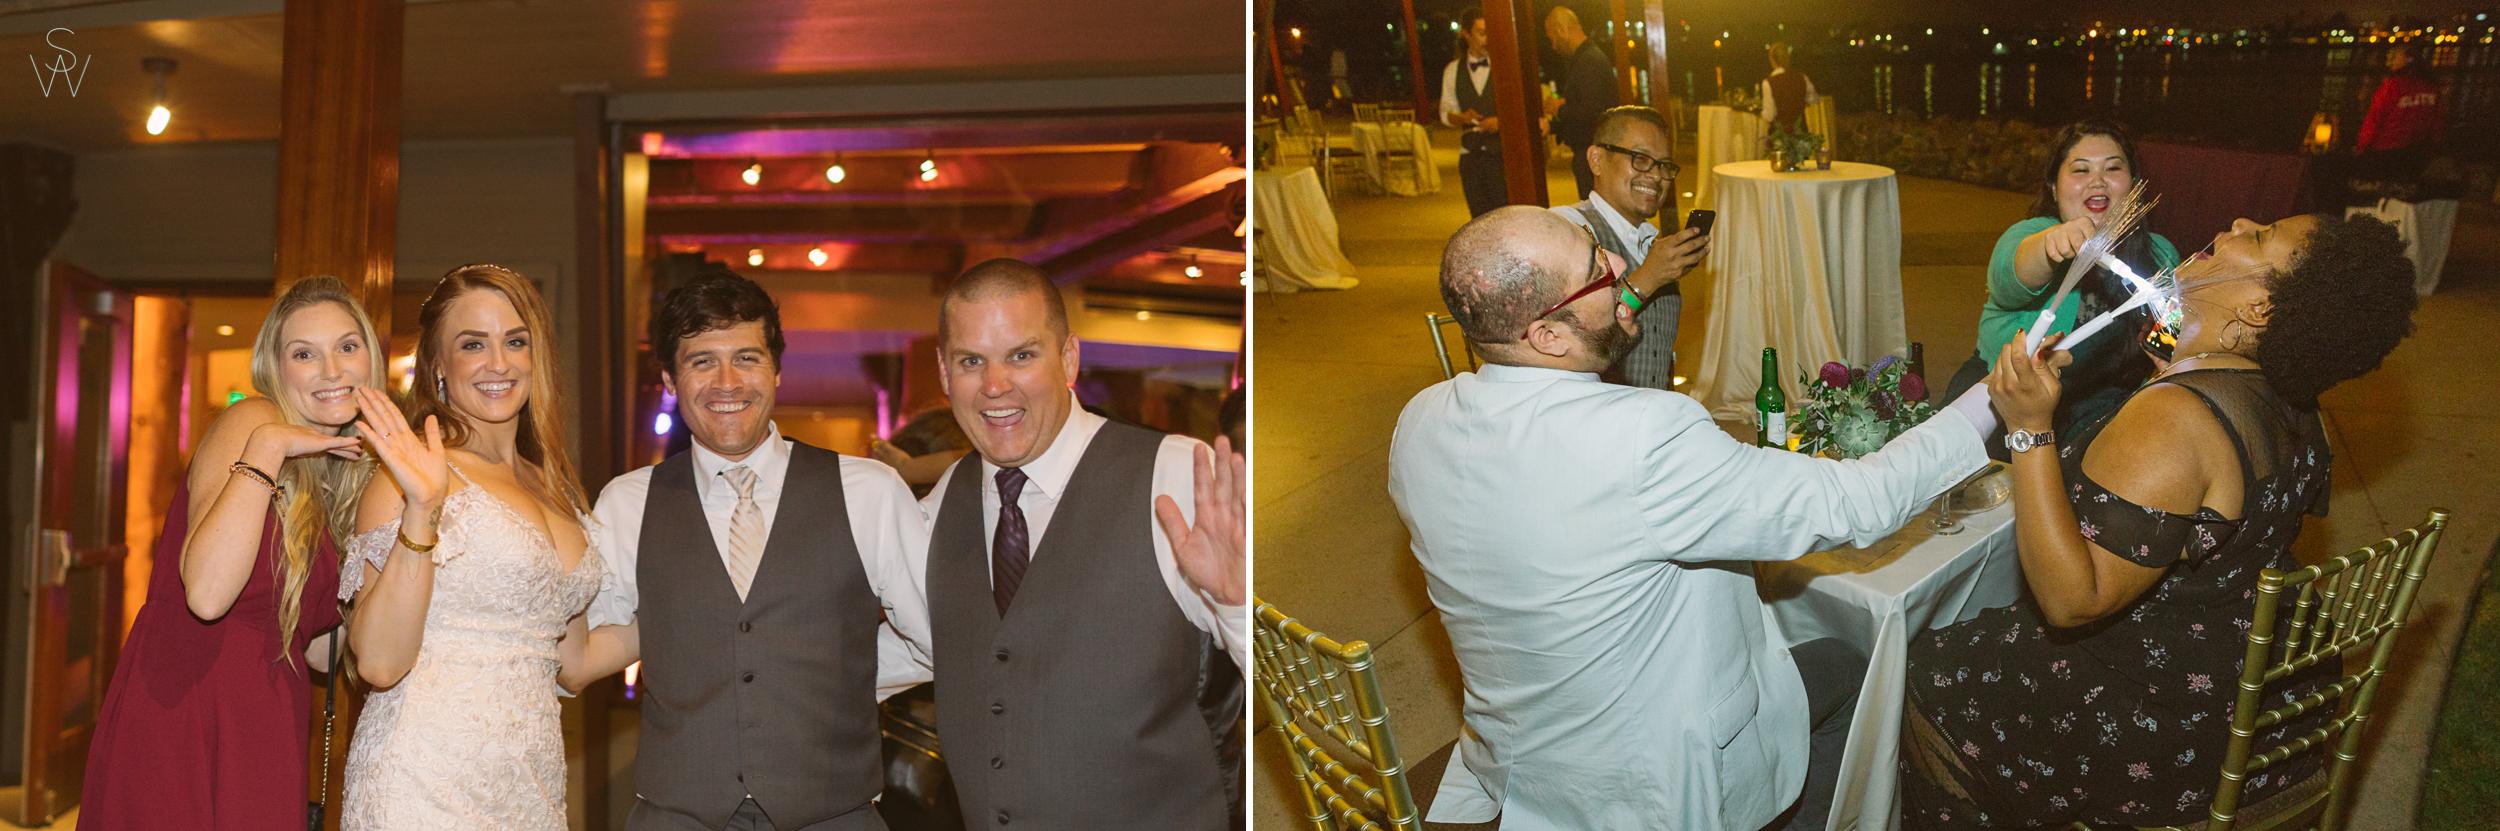 209San.diego.wedding.shewanders.photography.JPG